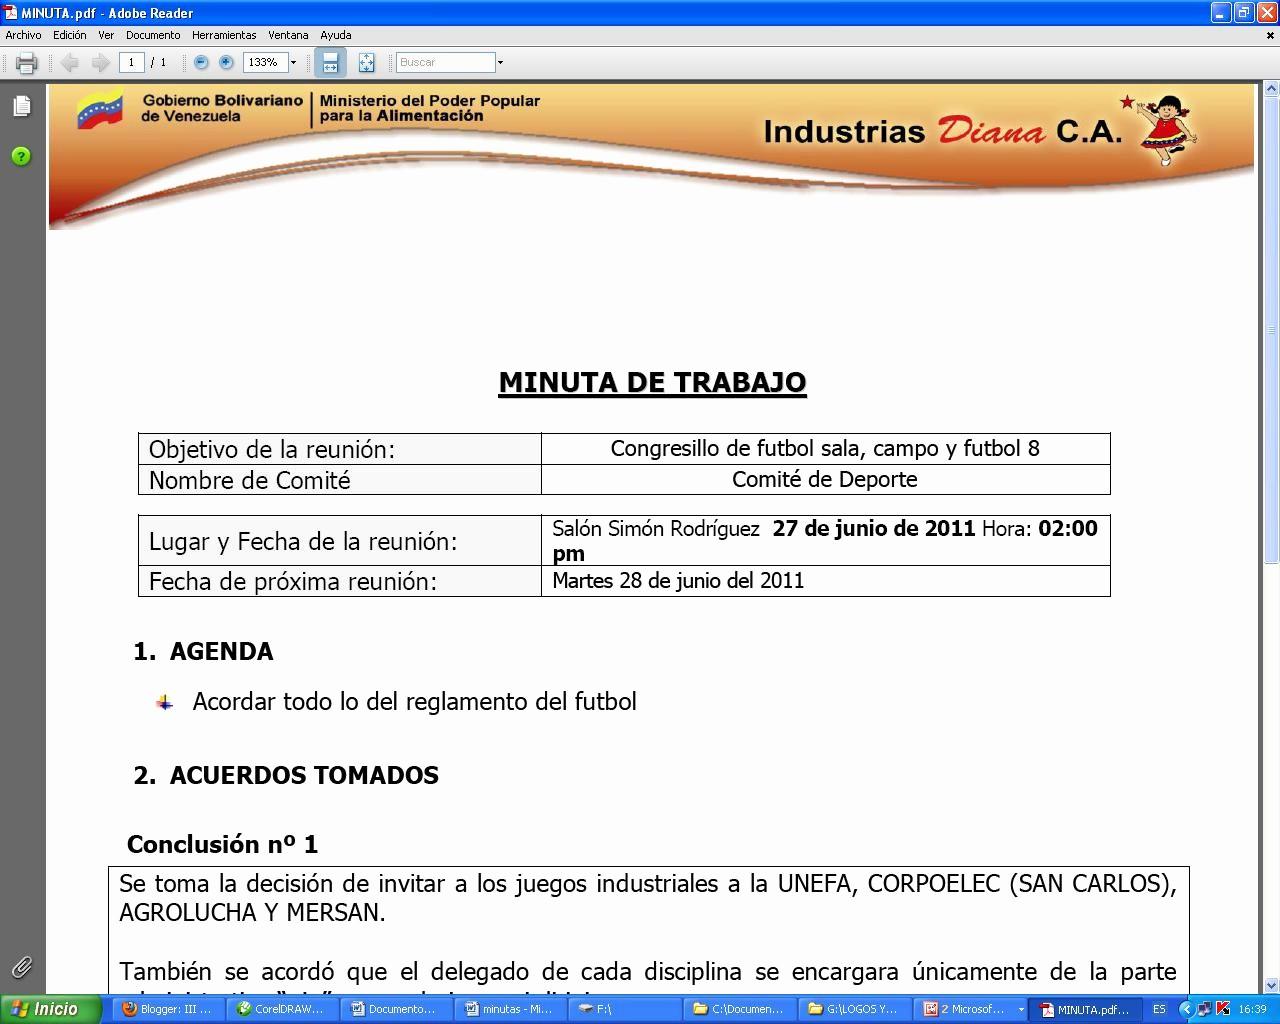 Ejemplos De Minutas De Reunion Luxury Indulafina socialista Congresillo De Futbol Sala Campo Y